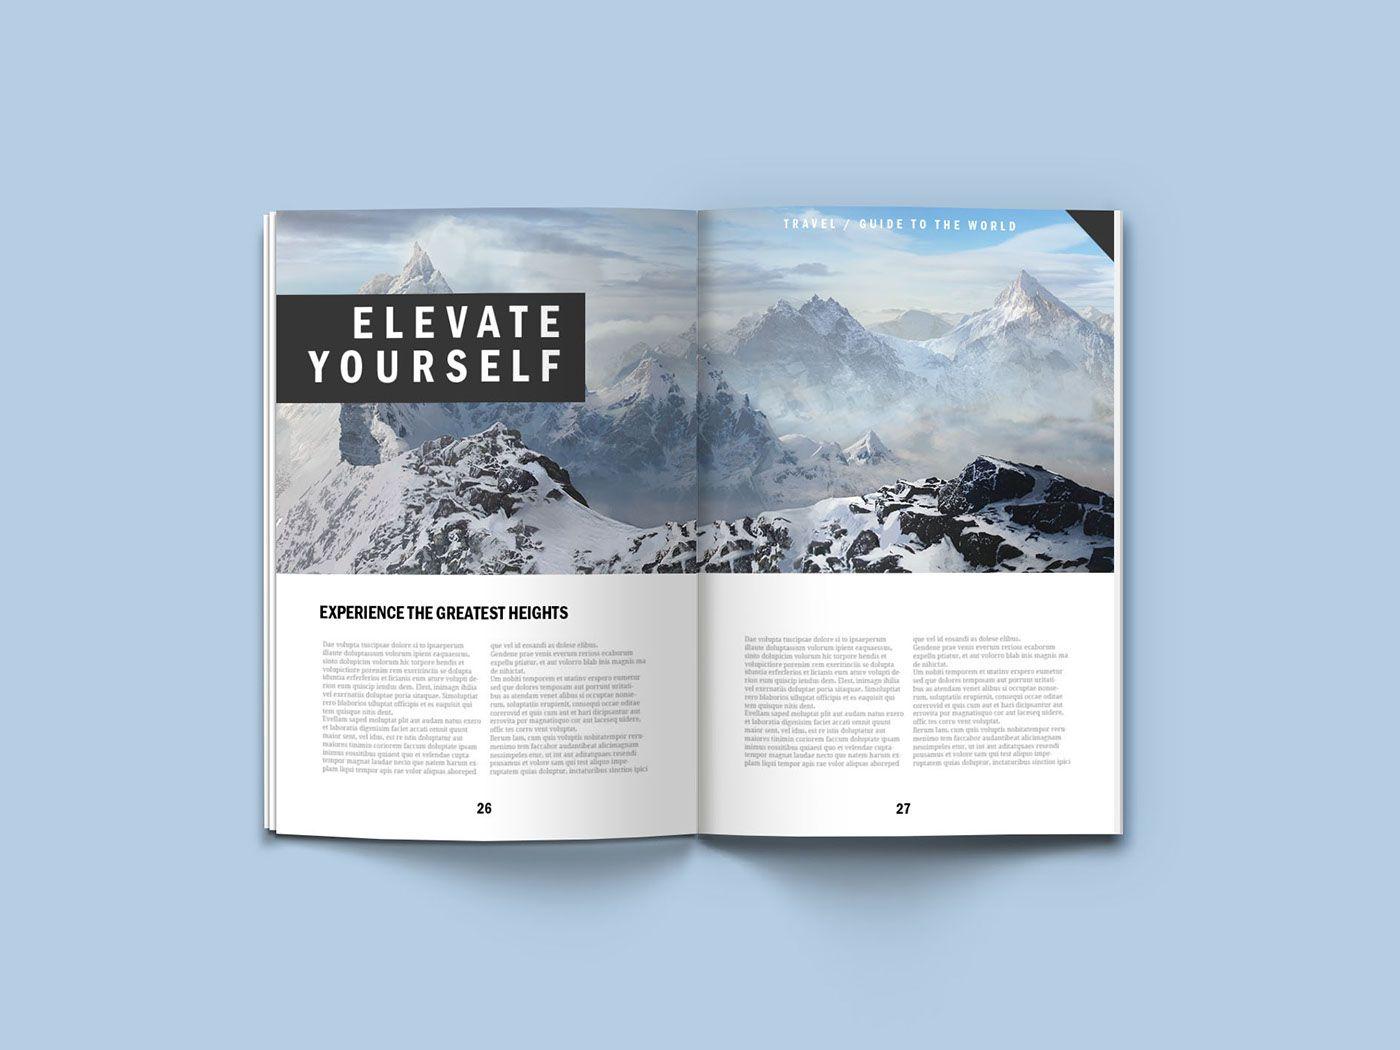 A4 Magazine Mock Up Free On Behance Magazine Mockup Magazine Mockup Psd Magazine Mockup Free